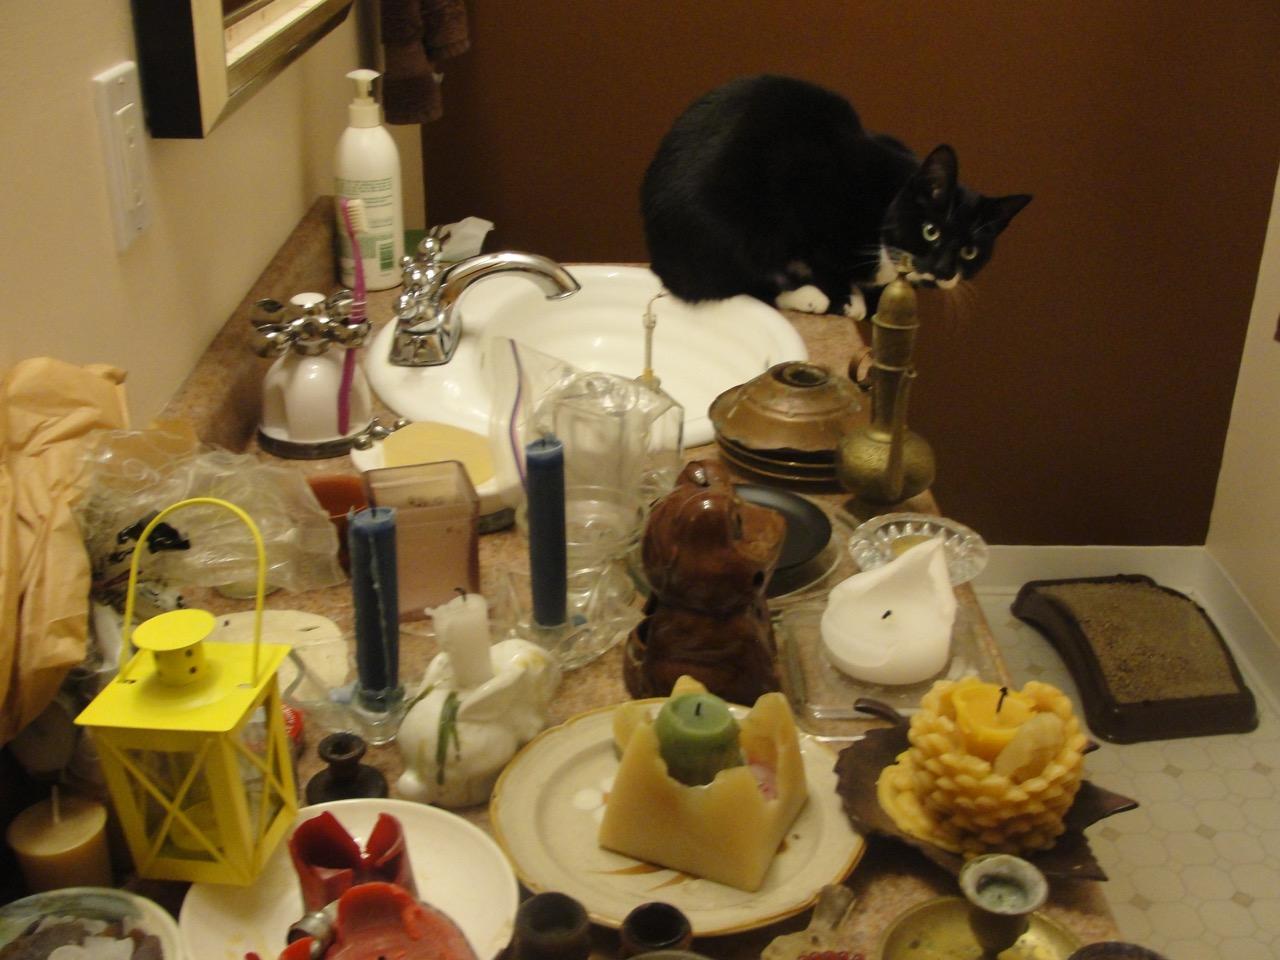 Billie helps sorting